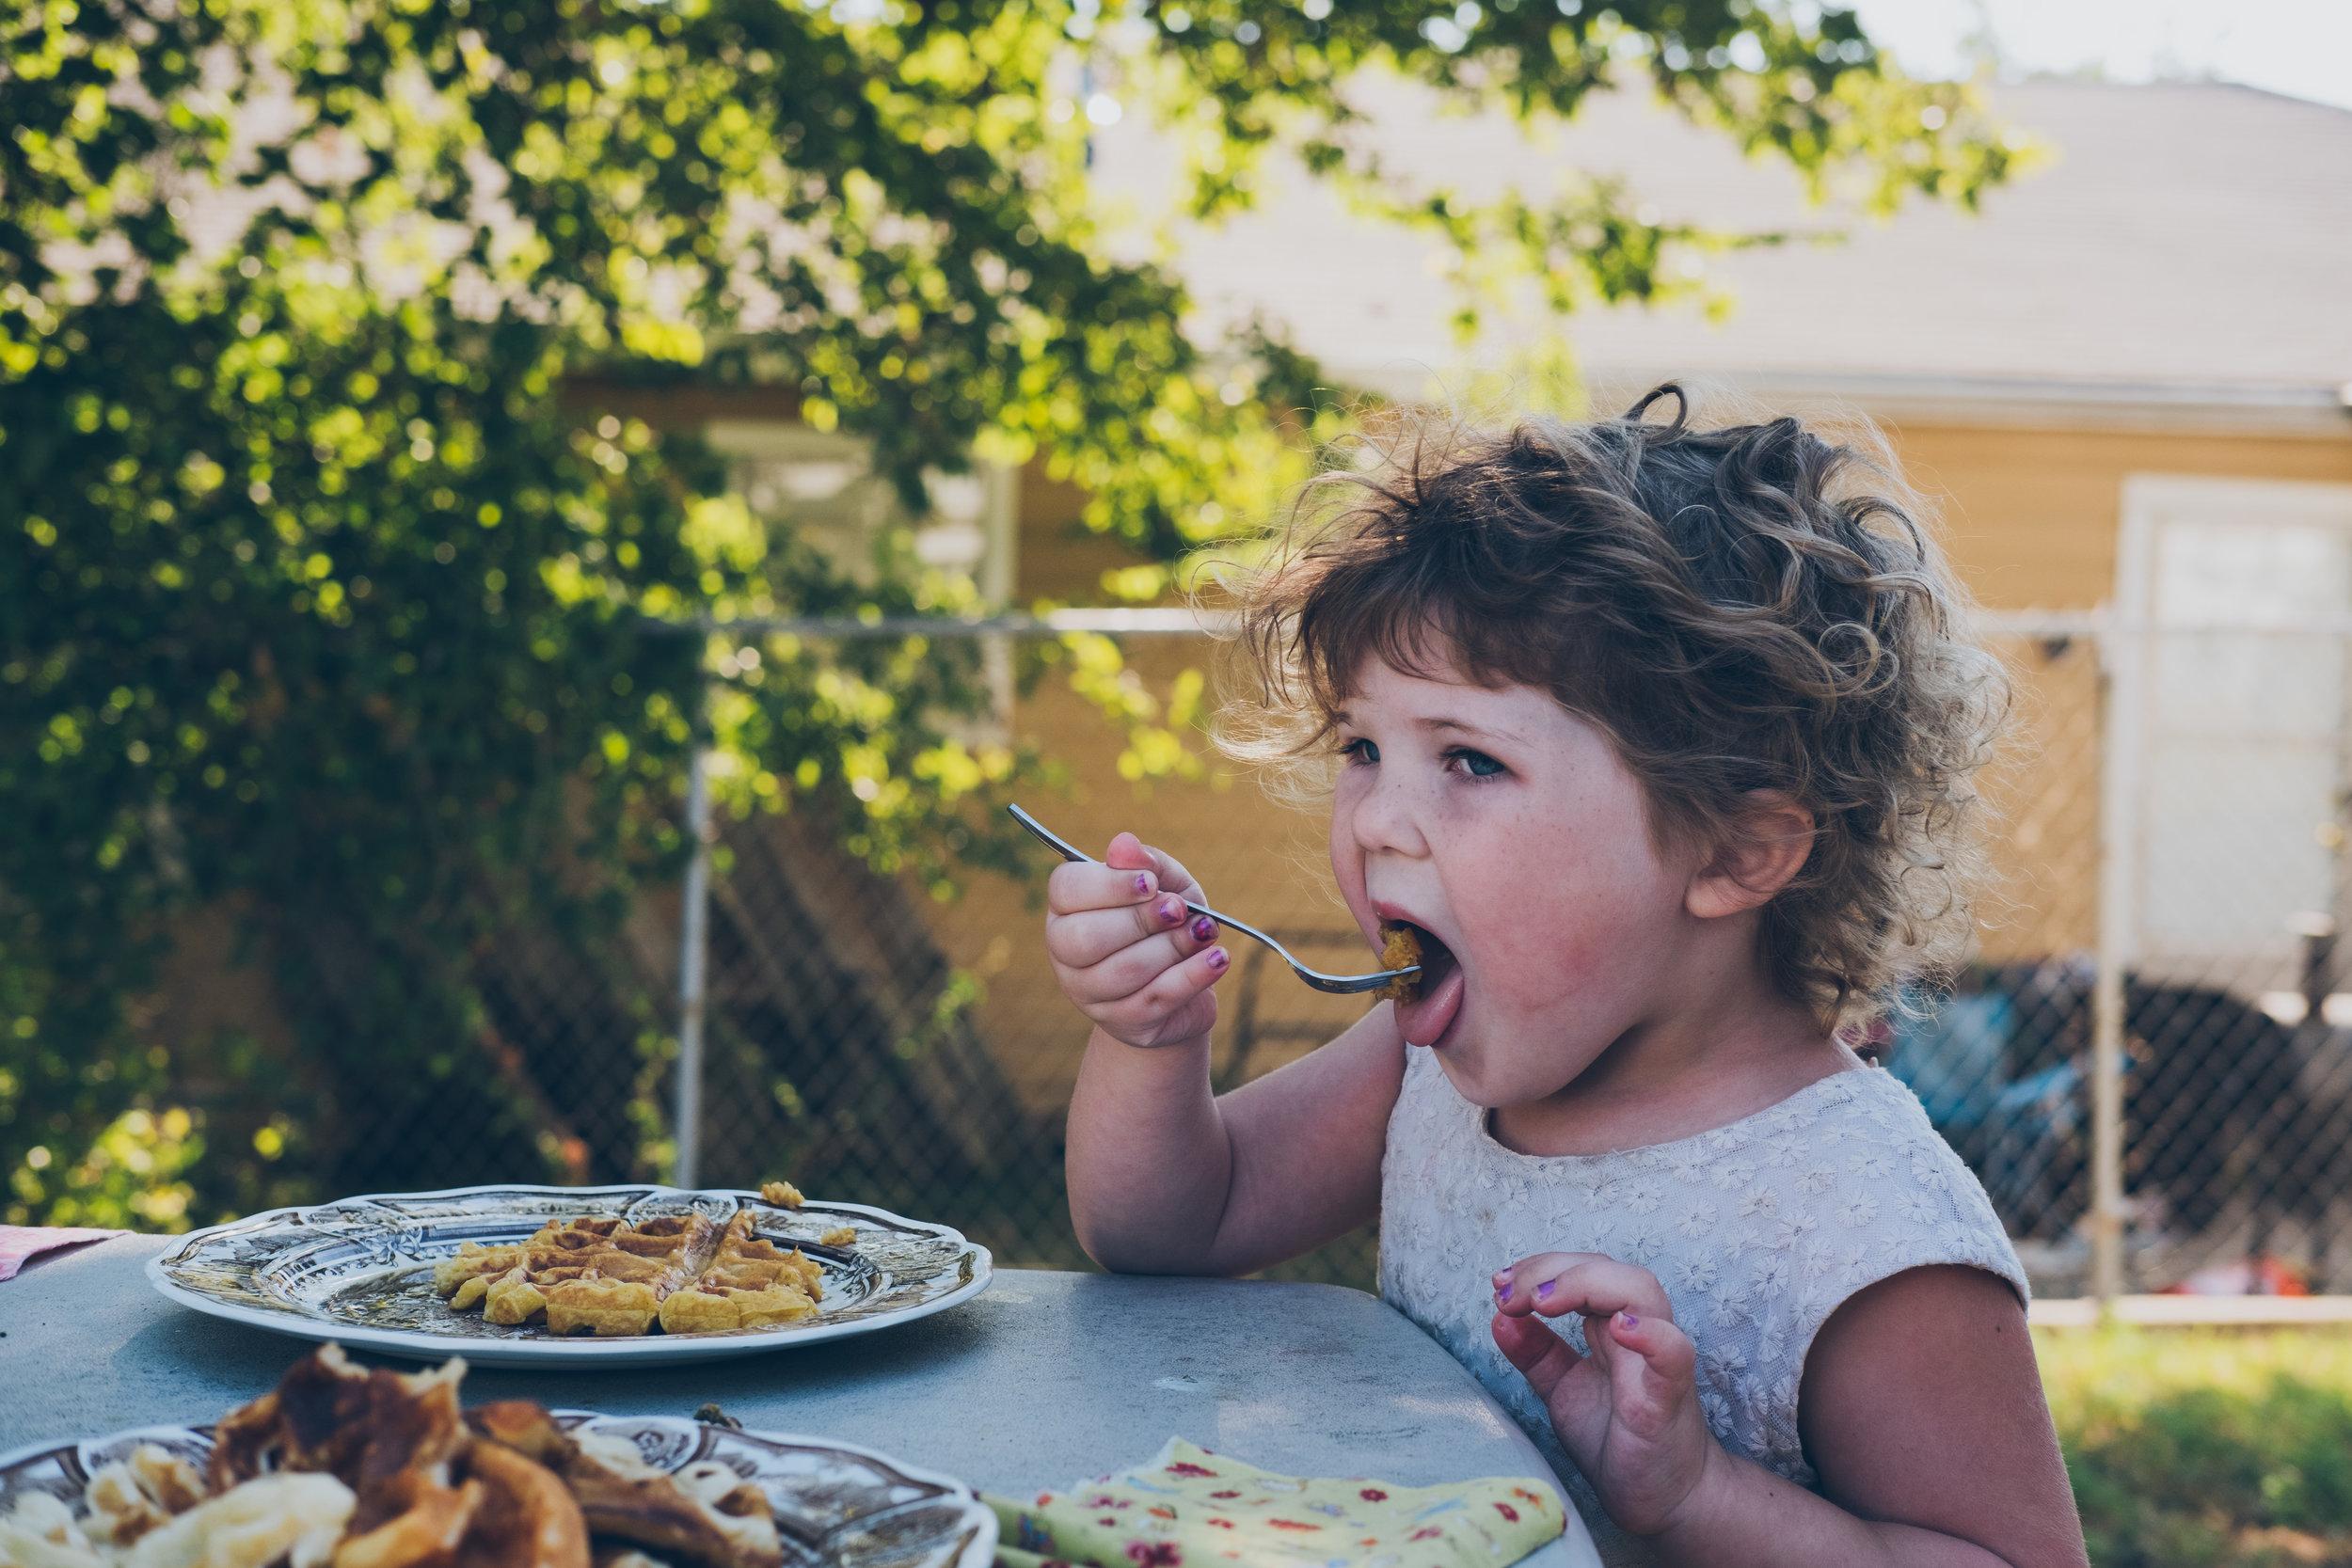 Little girl eating waffles